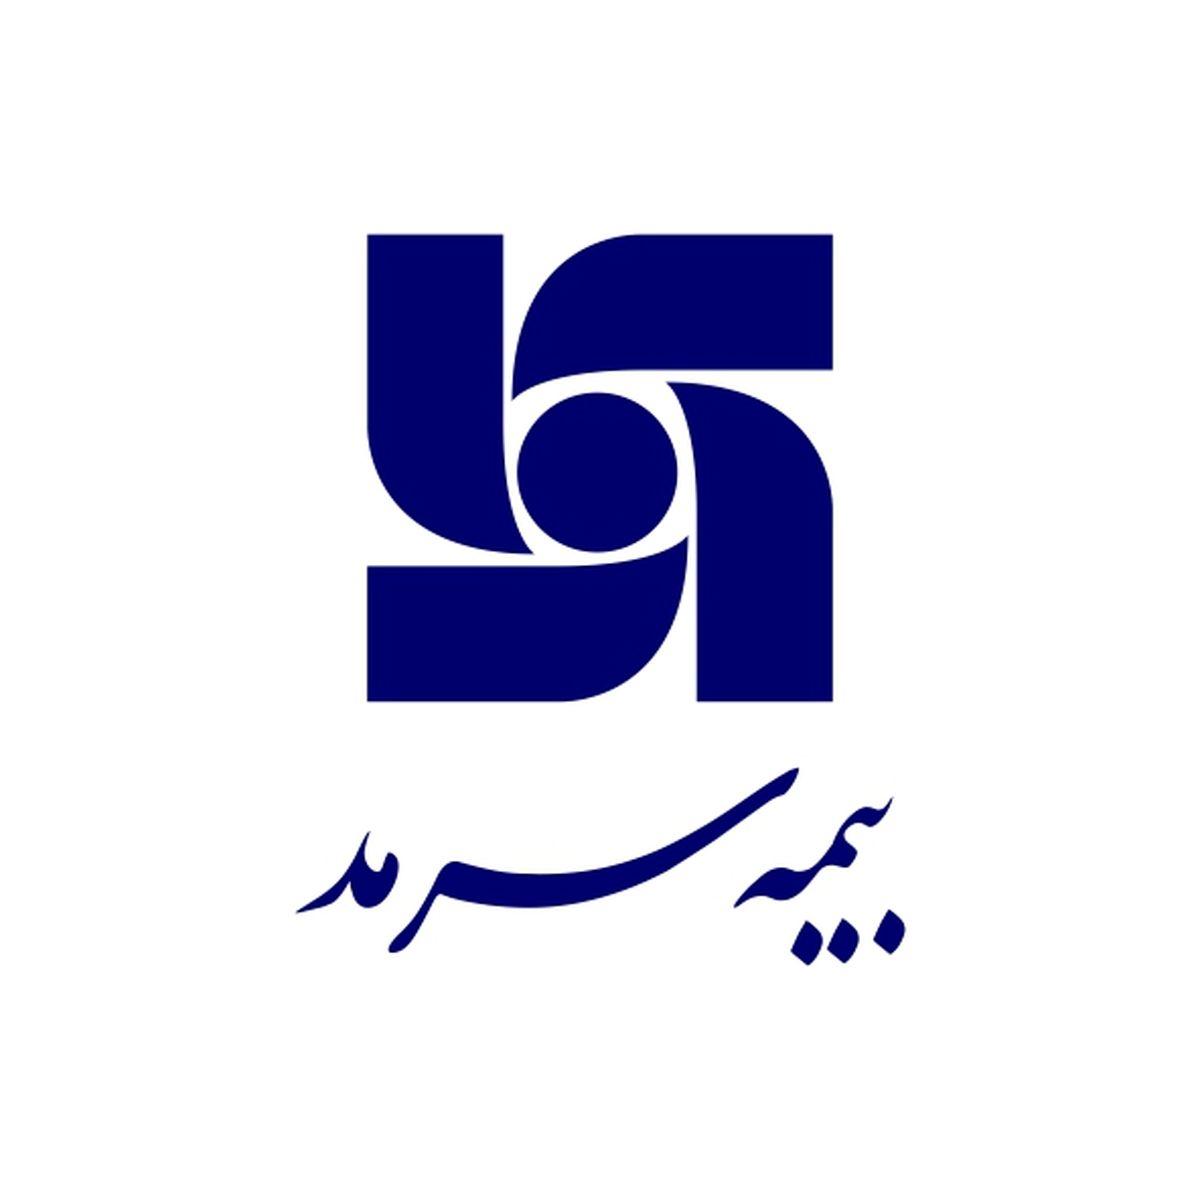 شعب بانک صادرات ایران وجوه حق تقدم سرمد را پرداخت میکنند